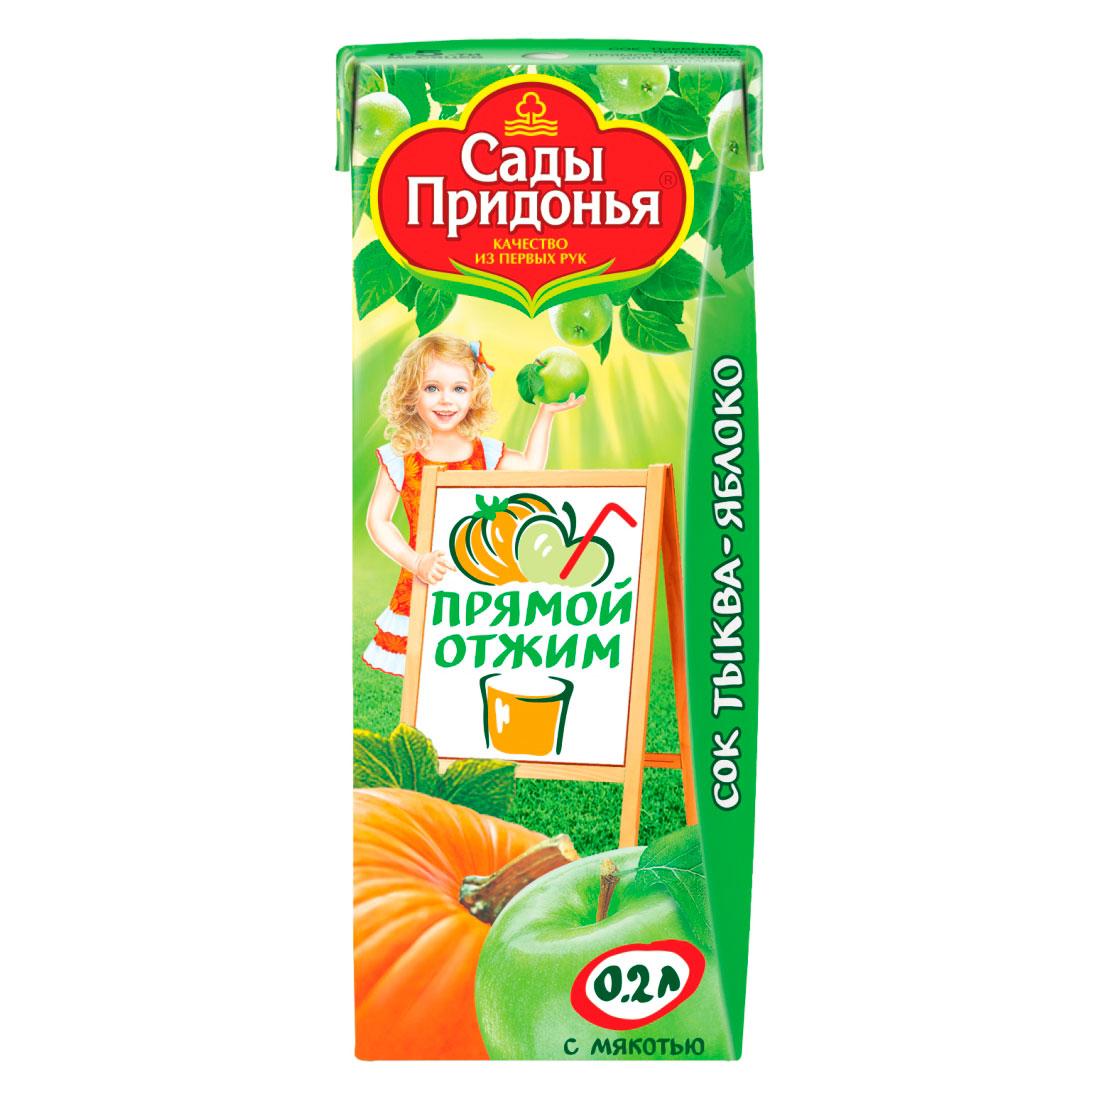 Сок Сады Придонья 200 мл (тетрапак) яблоко тыква прямого отжима с мякотью (с 5 мес)<br>